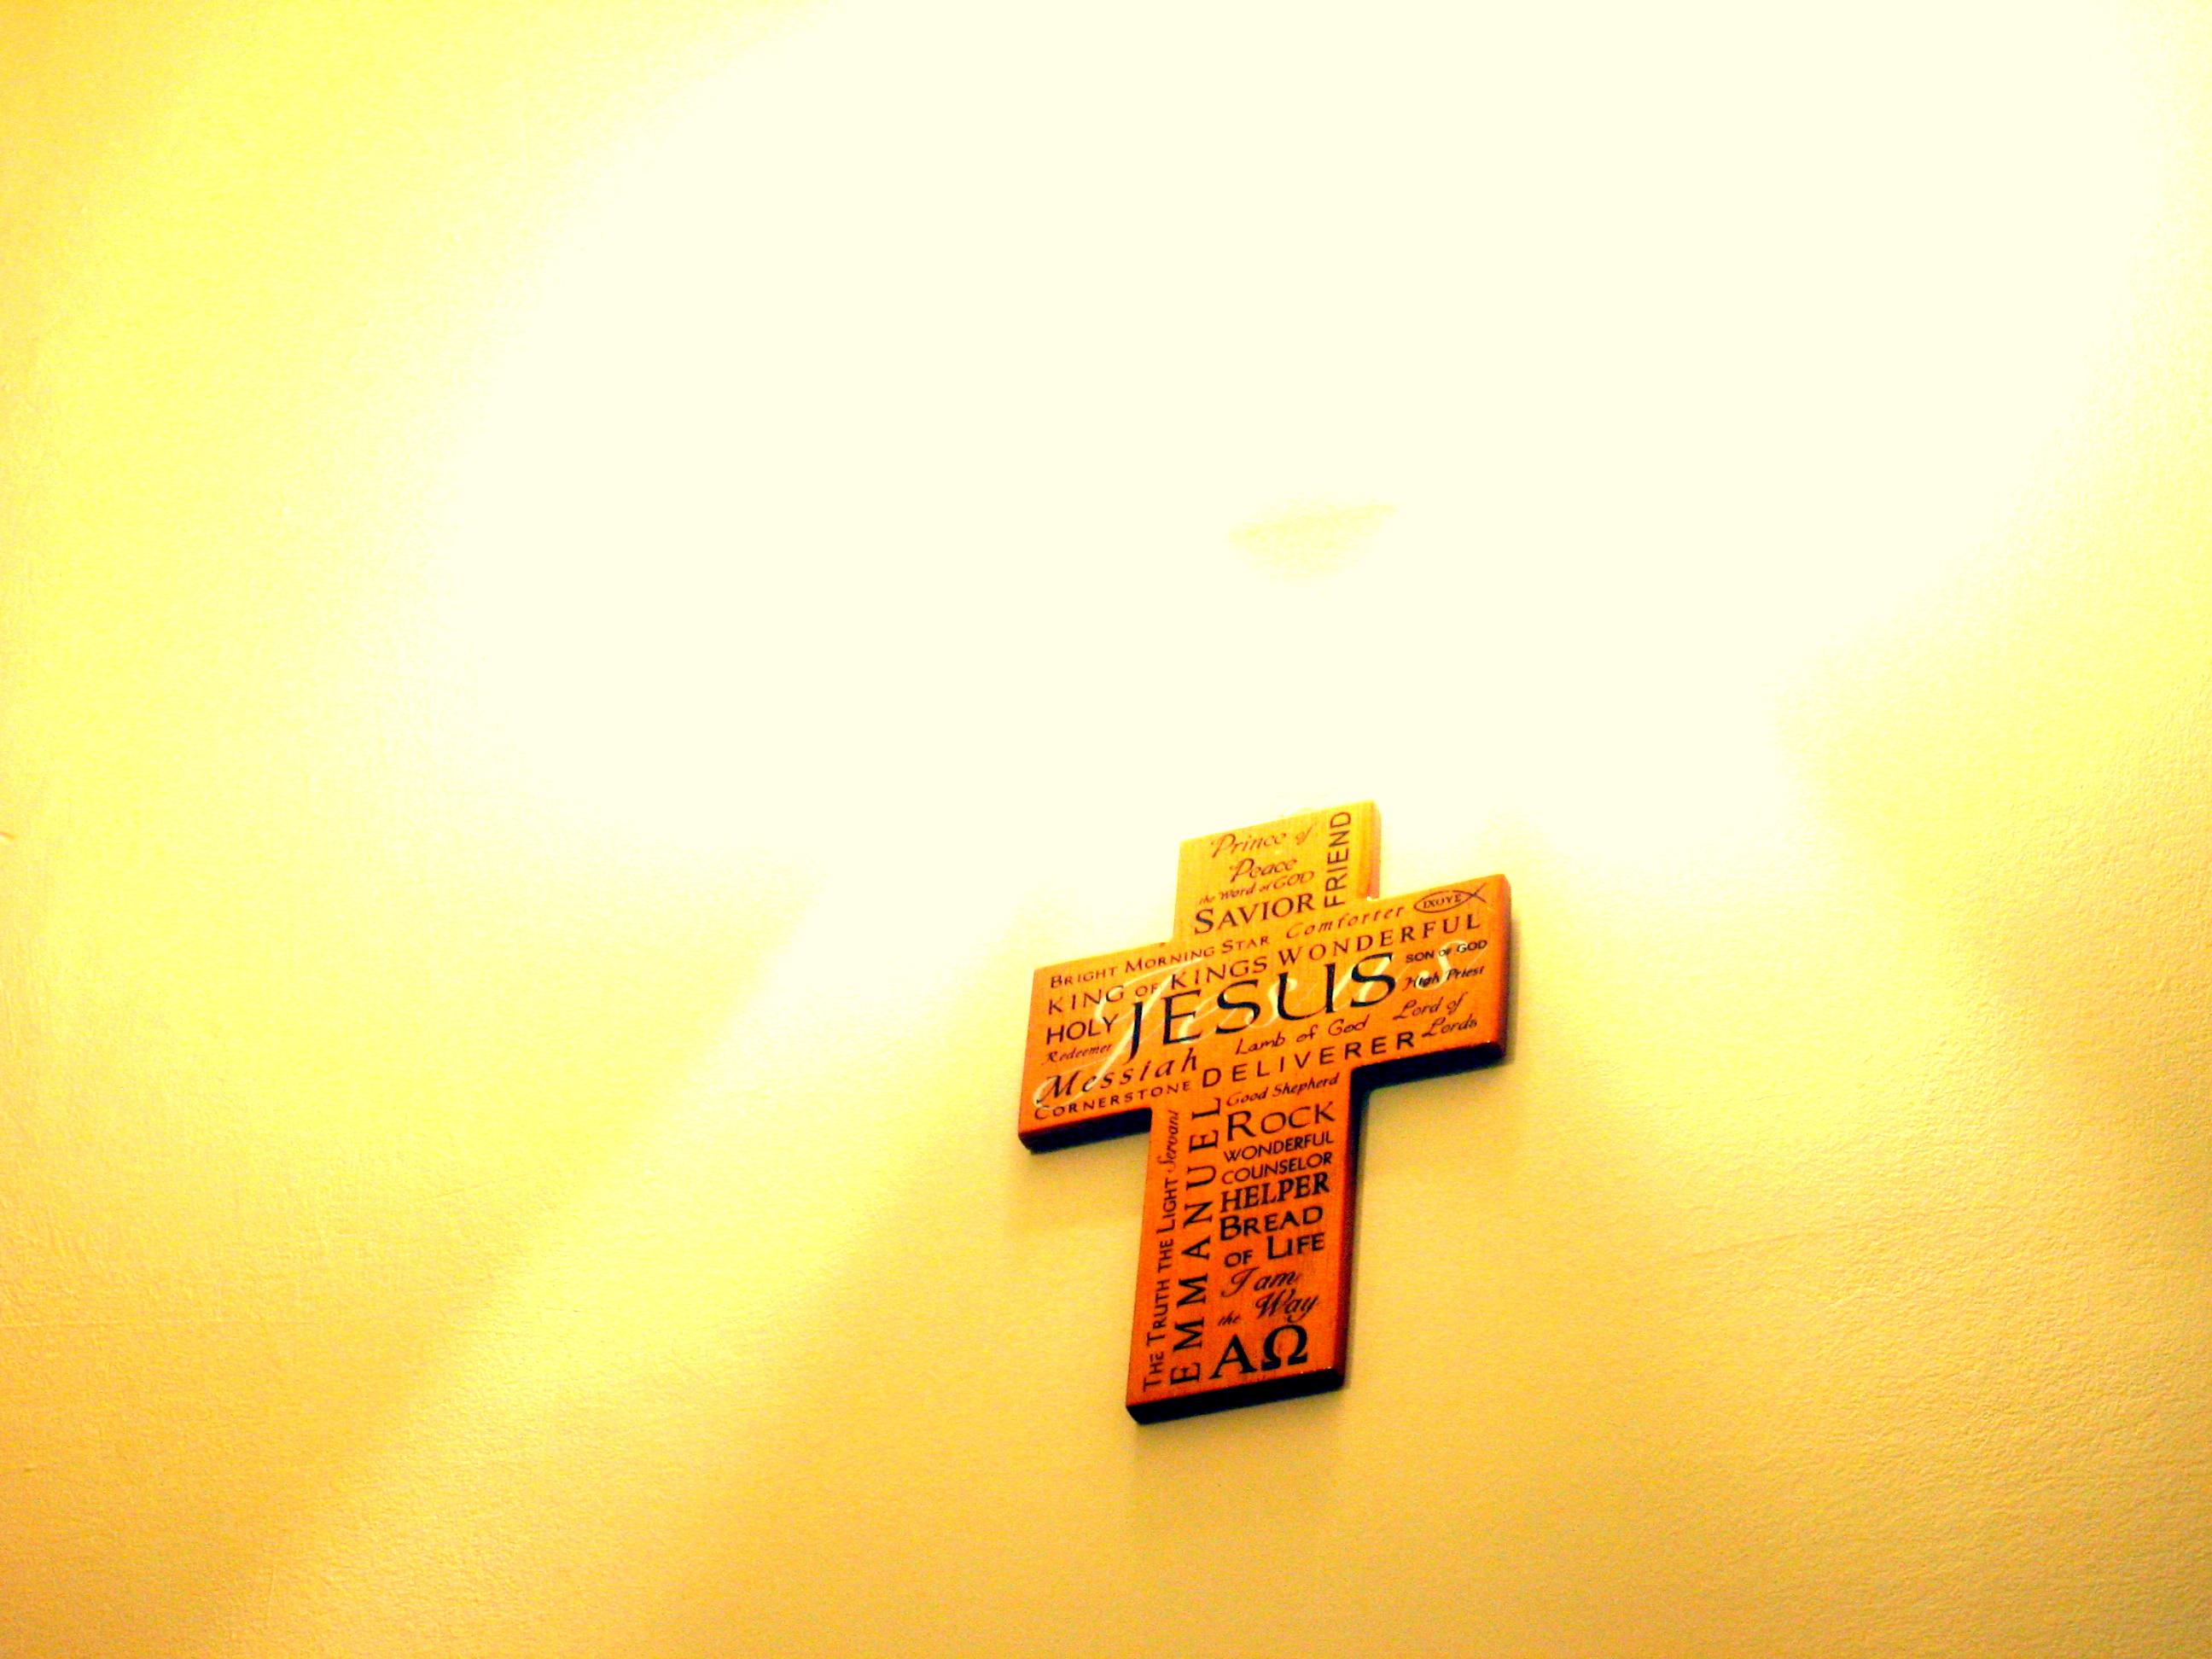 kannten die evangelisten jesus